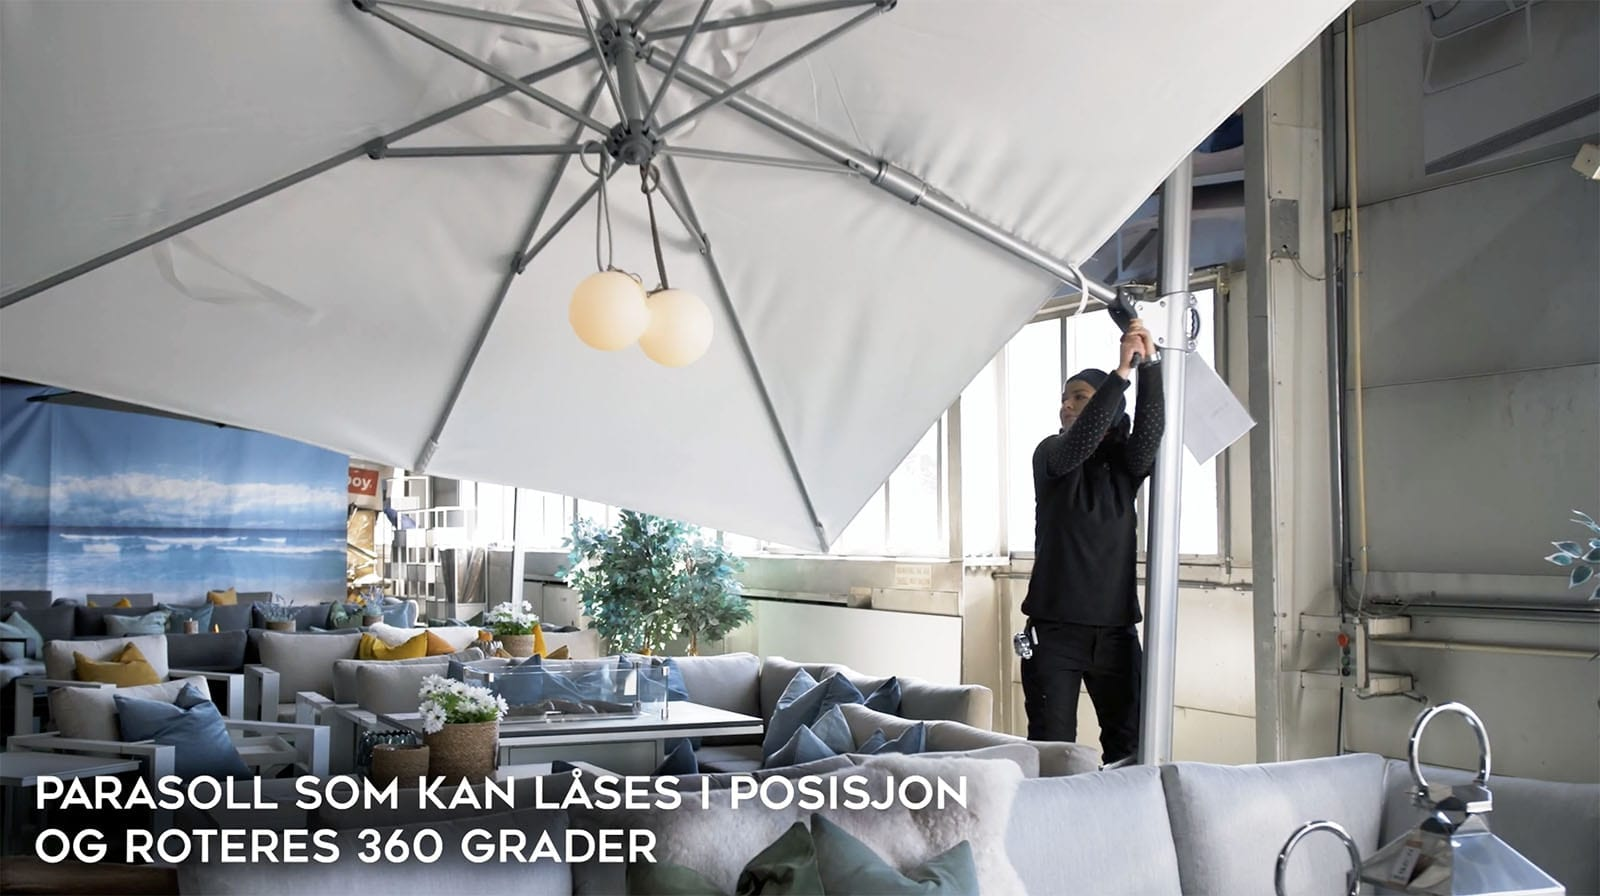 Parasoll-som-kan-låses-i-posisjon-og-roteres-360-grader Hagemøbler og utemøbler - Fine design